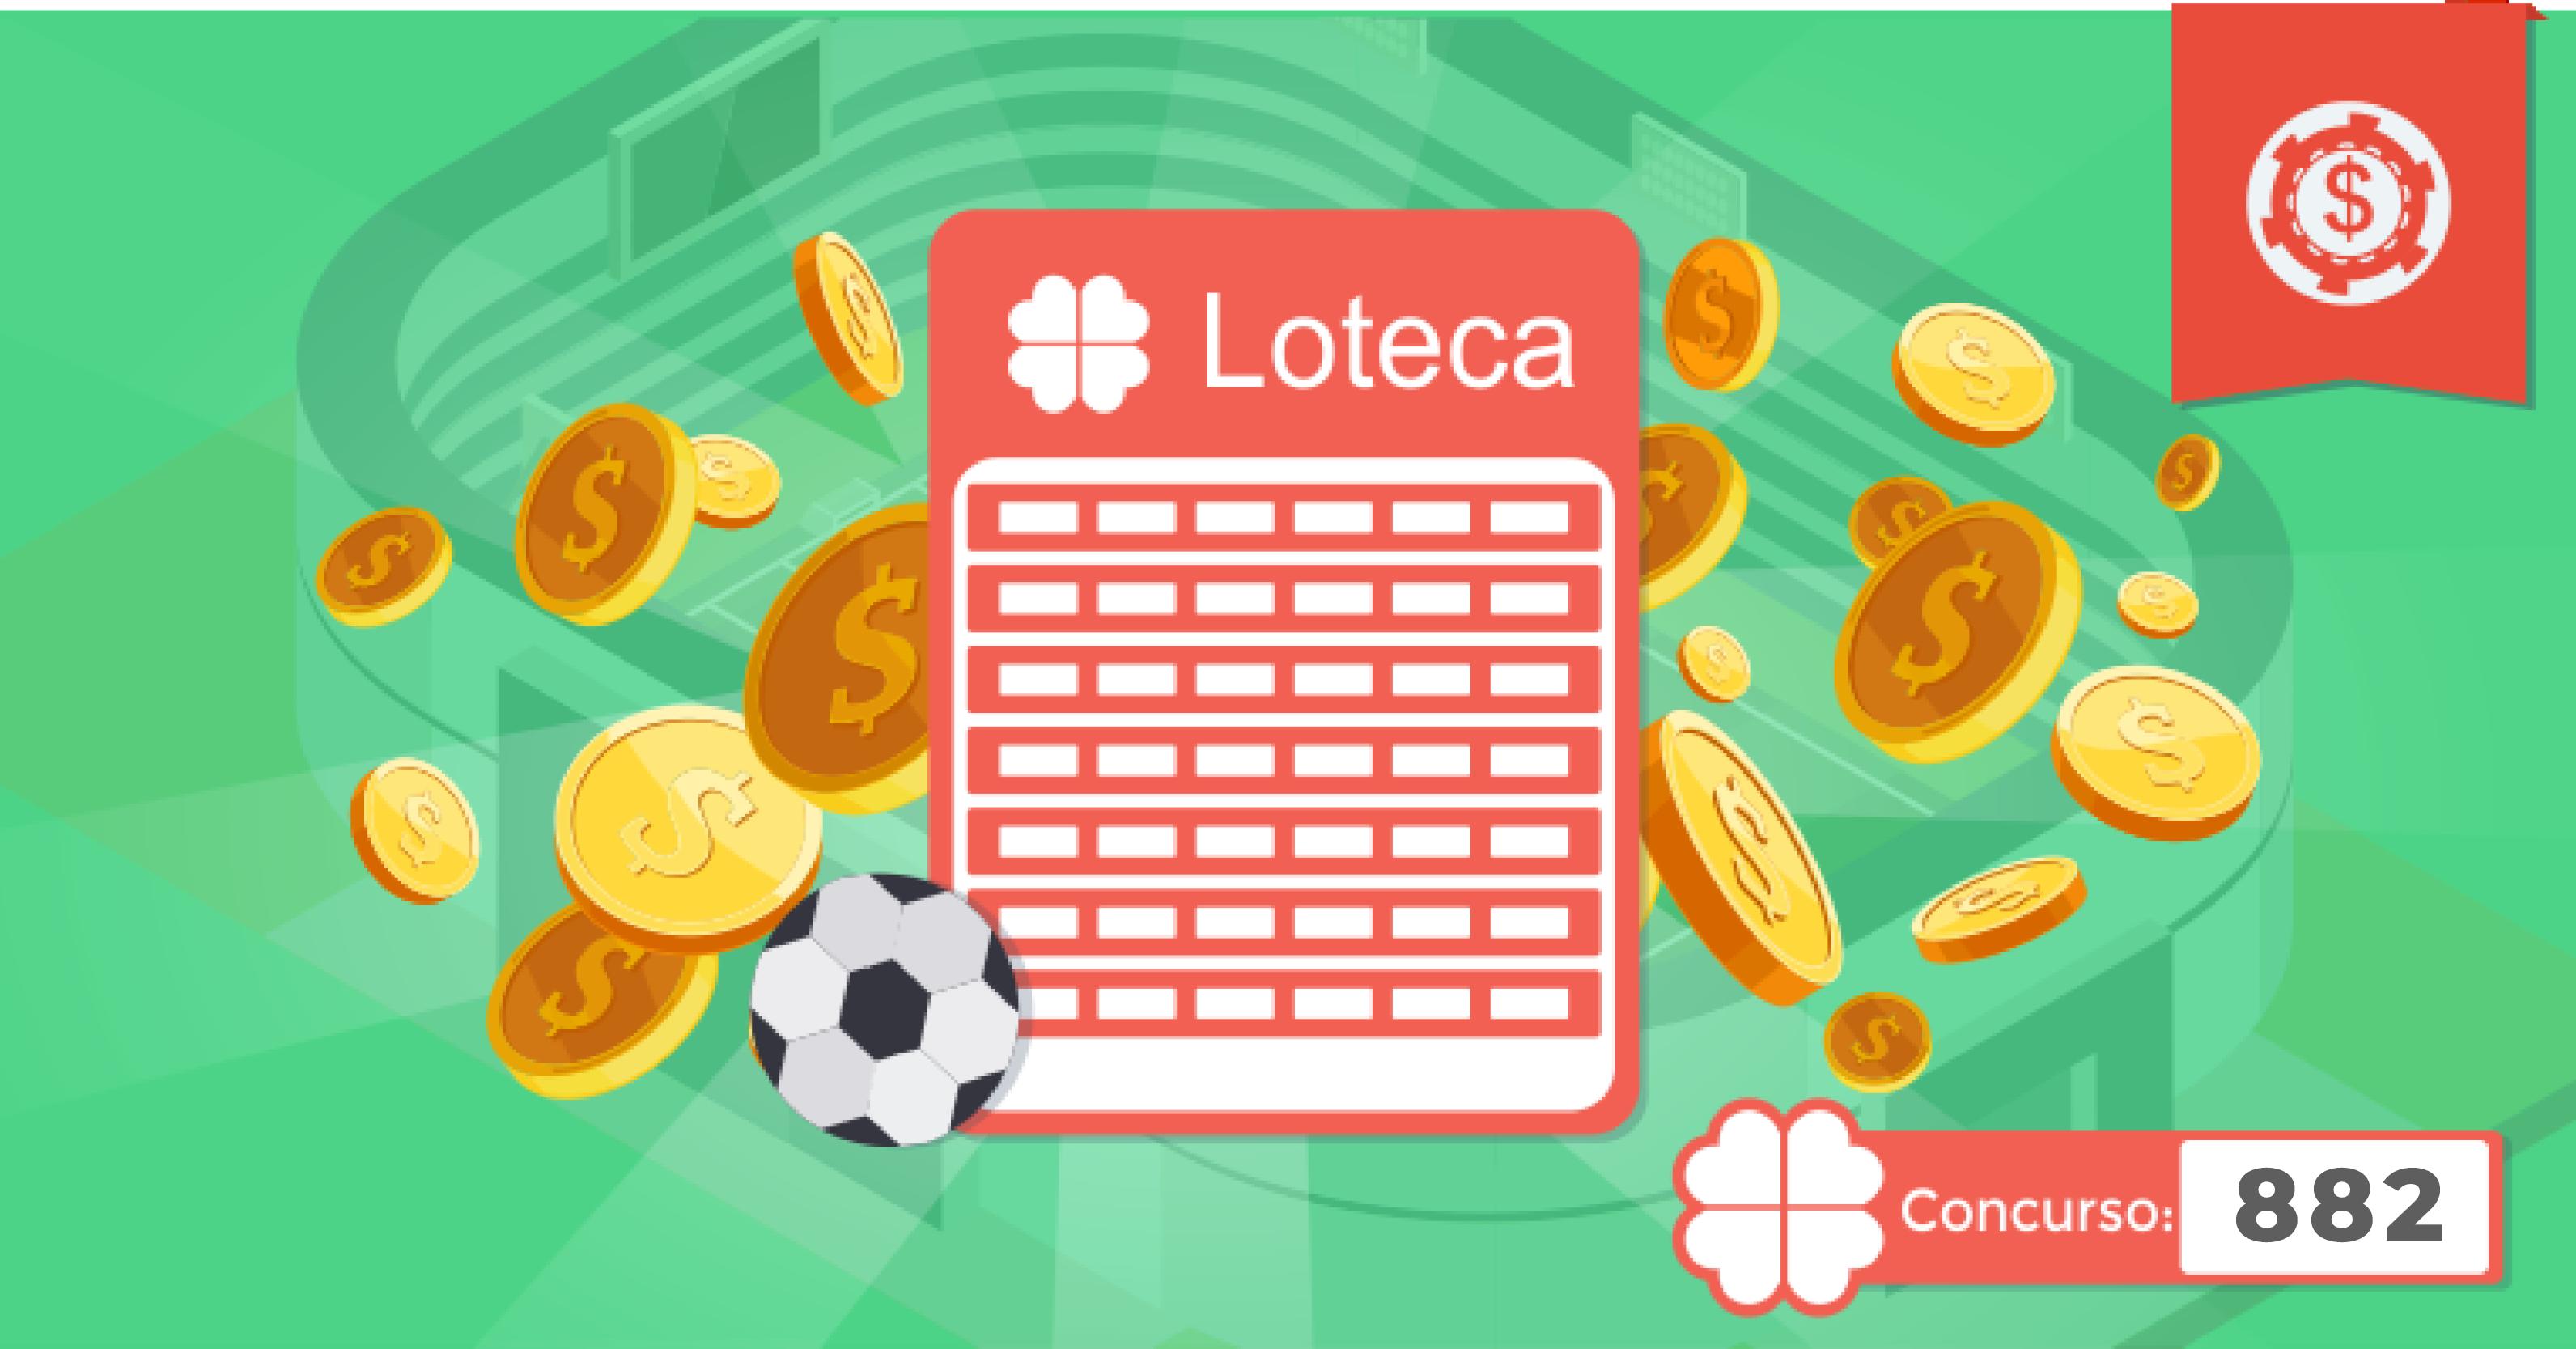 palpites-loteca-882-palpites-loteca-semana